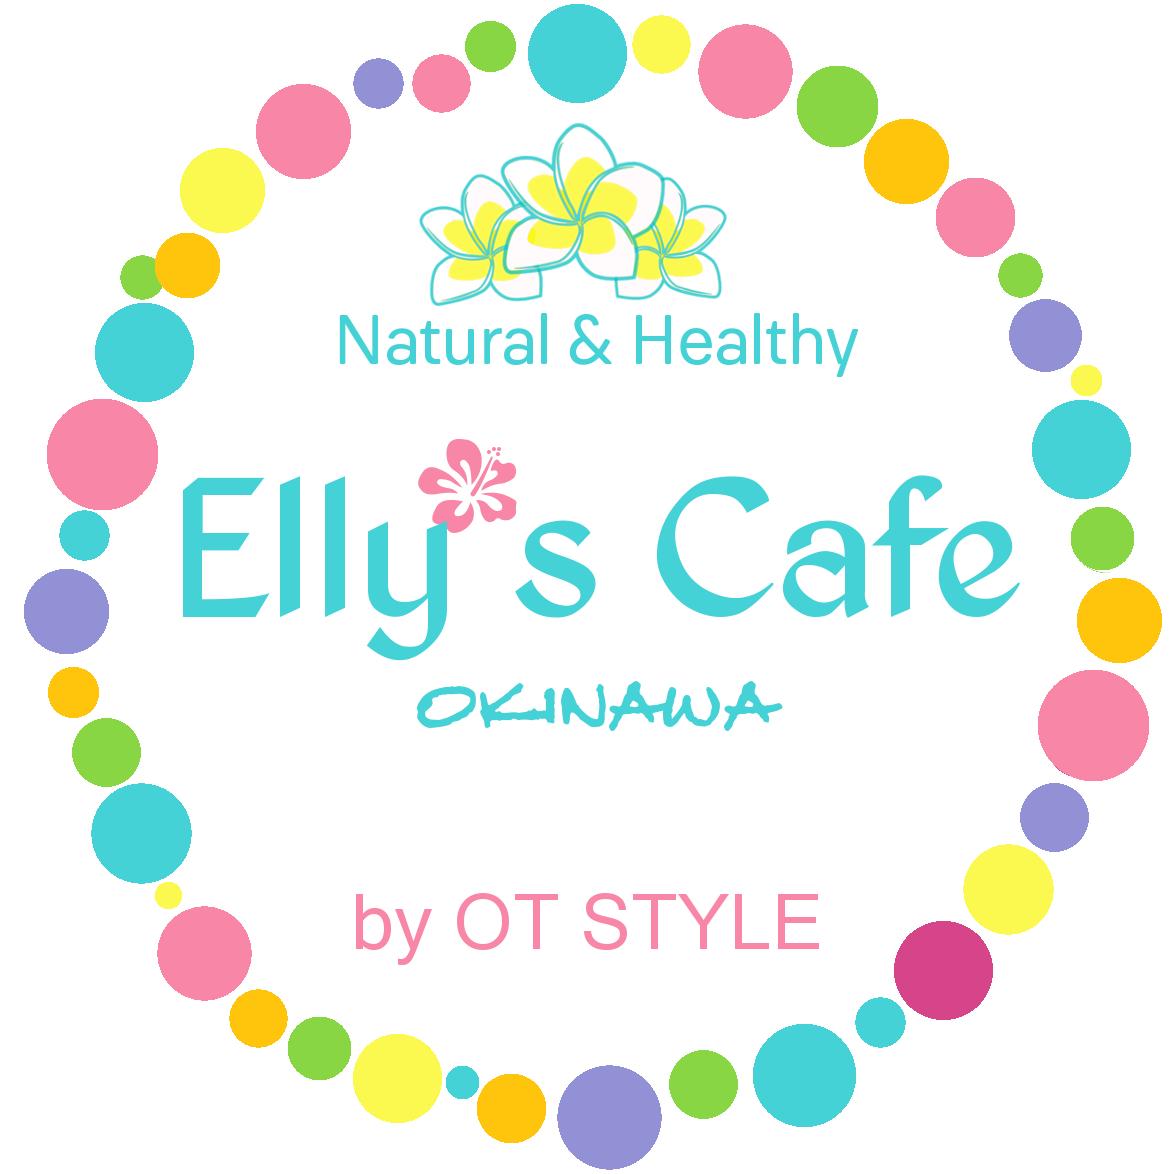 EllysCafe